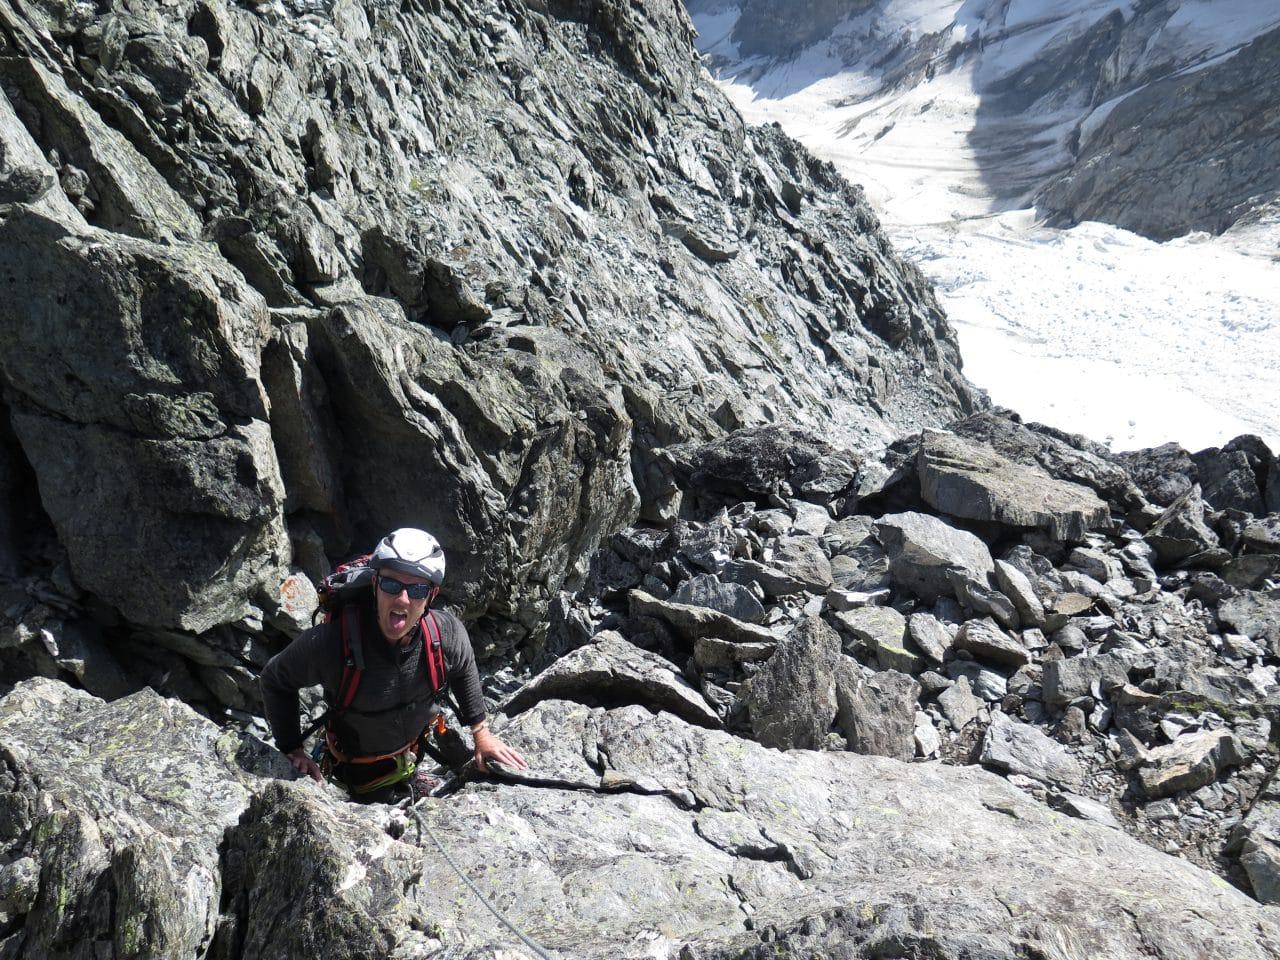 arete-de-tseudet-velan-valais-helyum-arnaud-genecand-guide-de-montagne-geneve